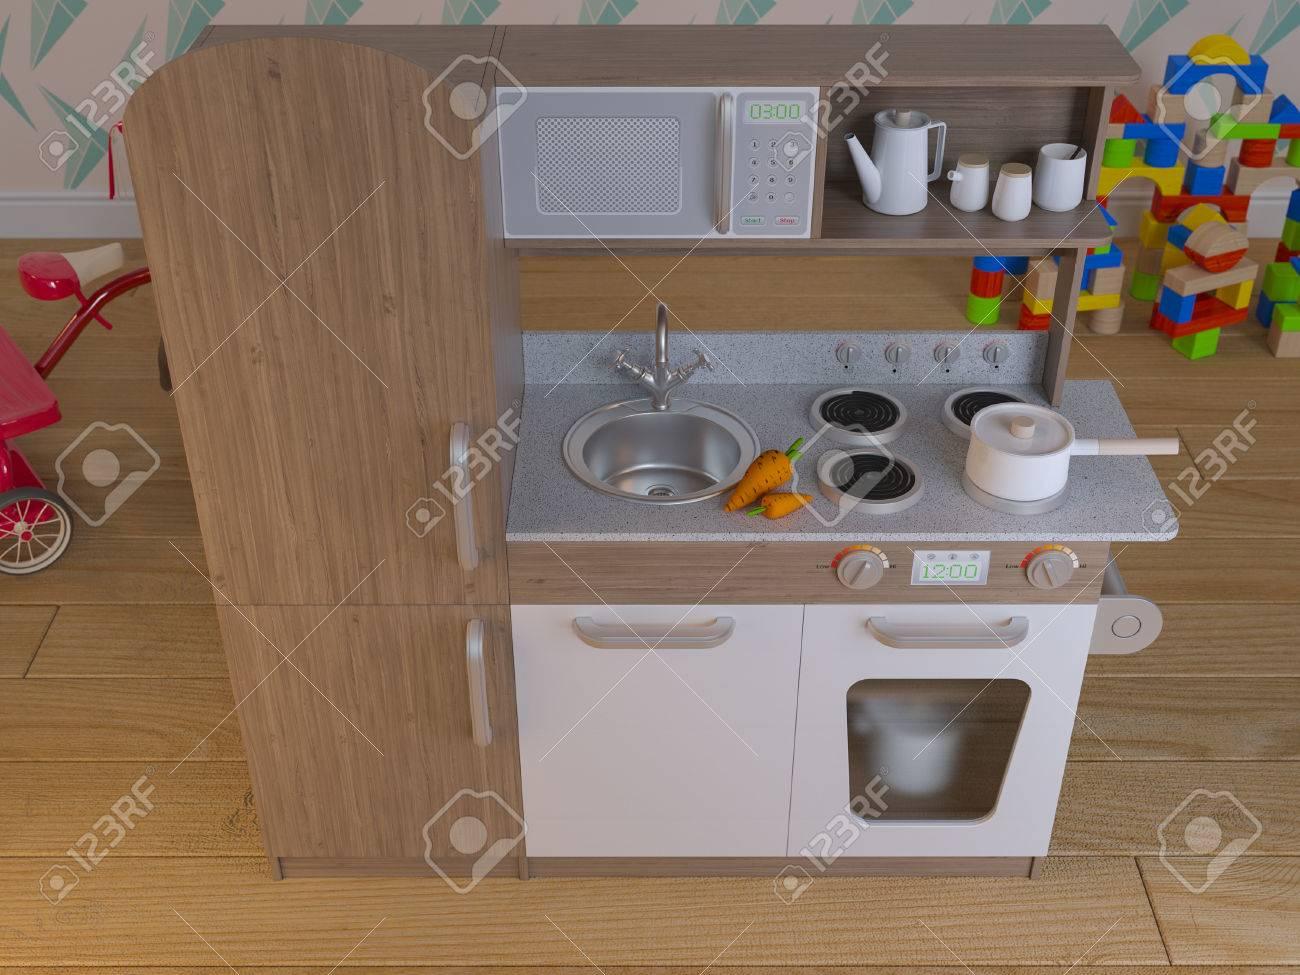 Los niños cocina diseño interior para cocinar pretenden juego conjunto con  accesorios. 3d ilustración niños cocina playset inteligente. Render imagen